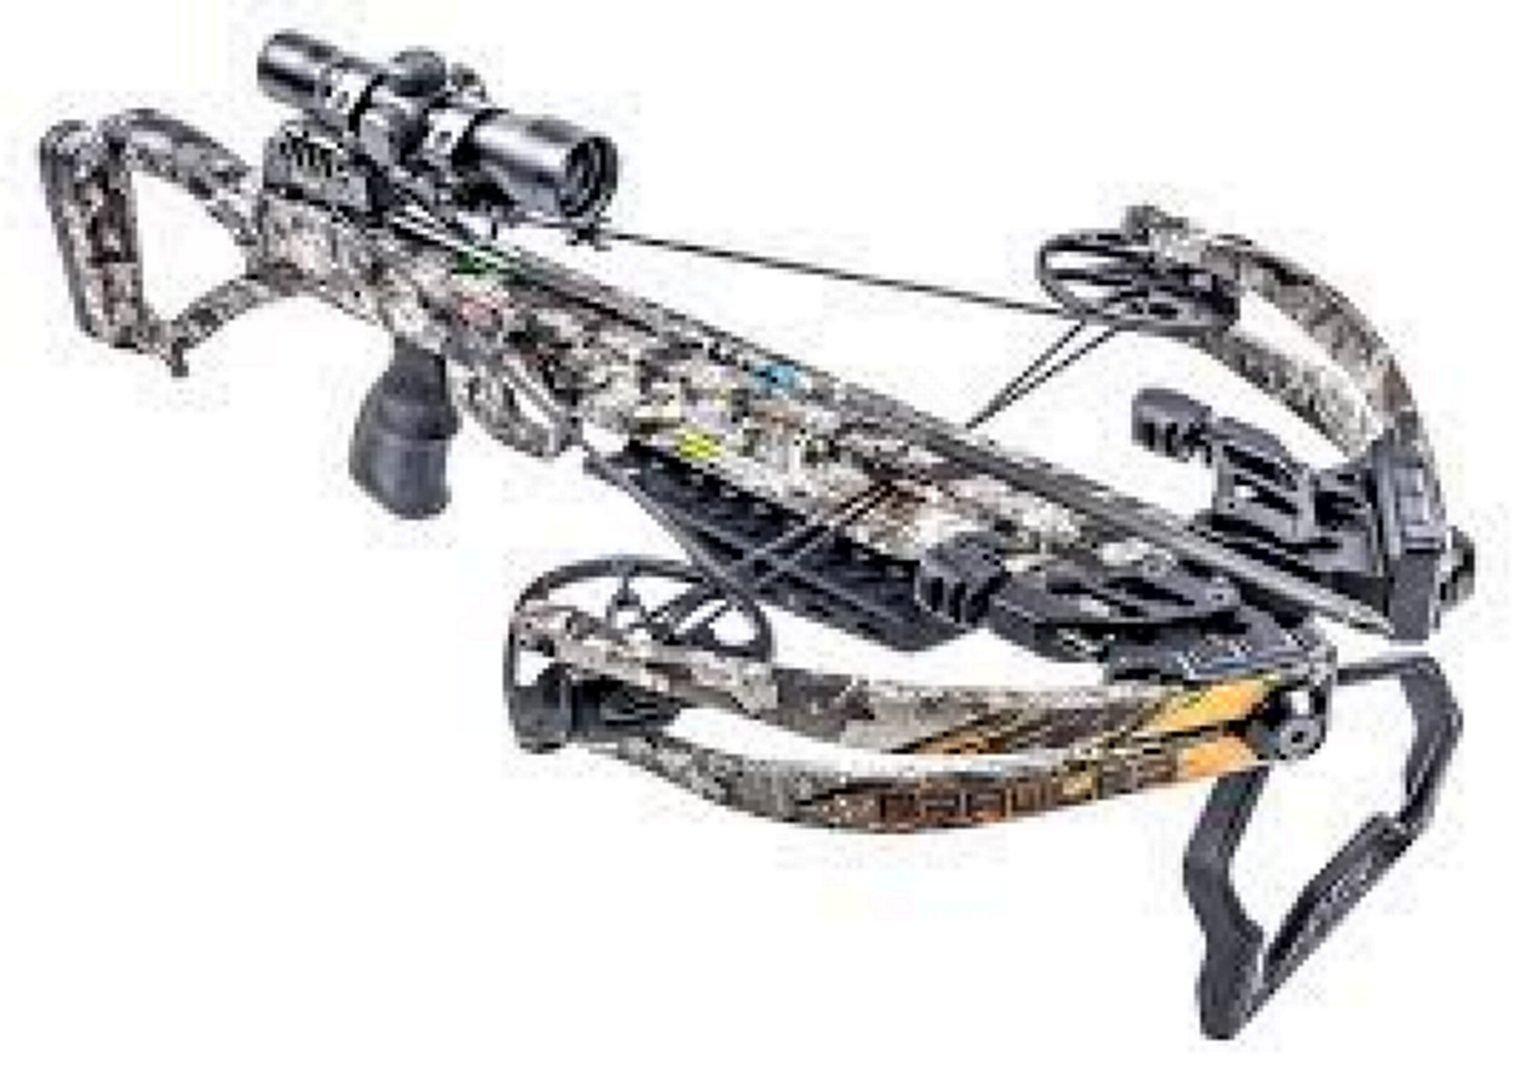 Killer Instincts Brawler 400 Crossbow